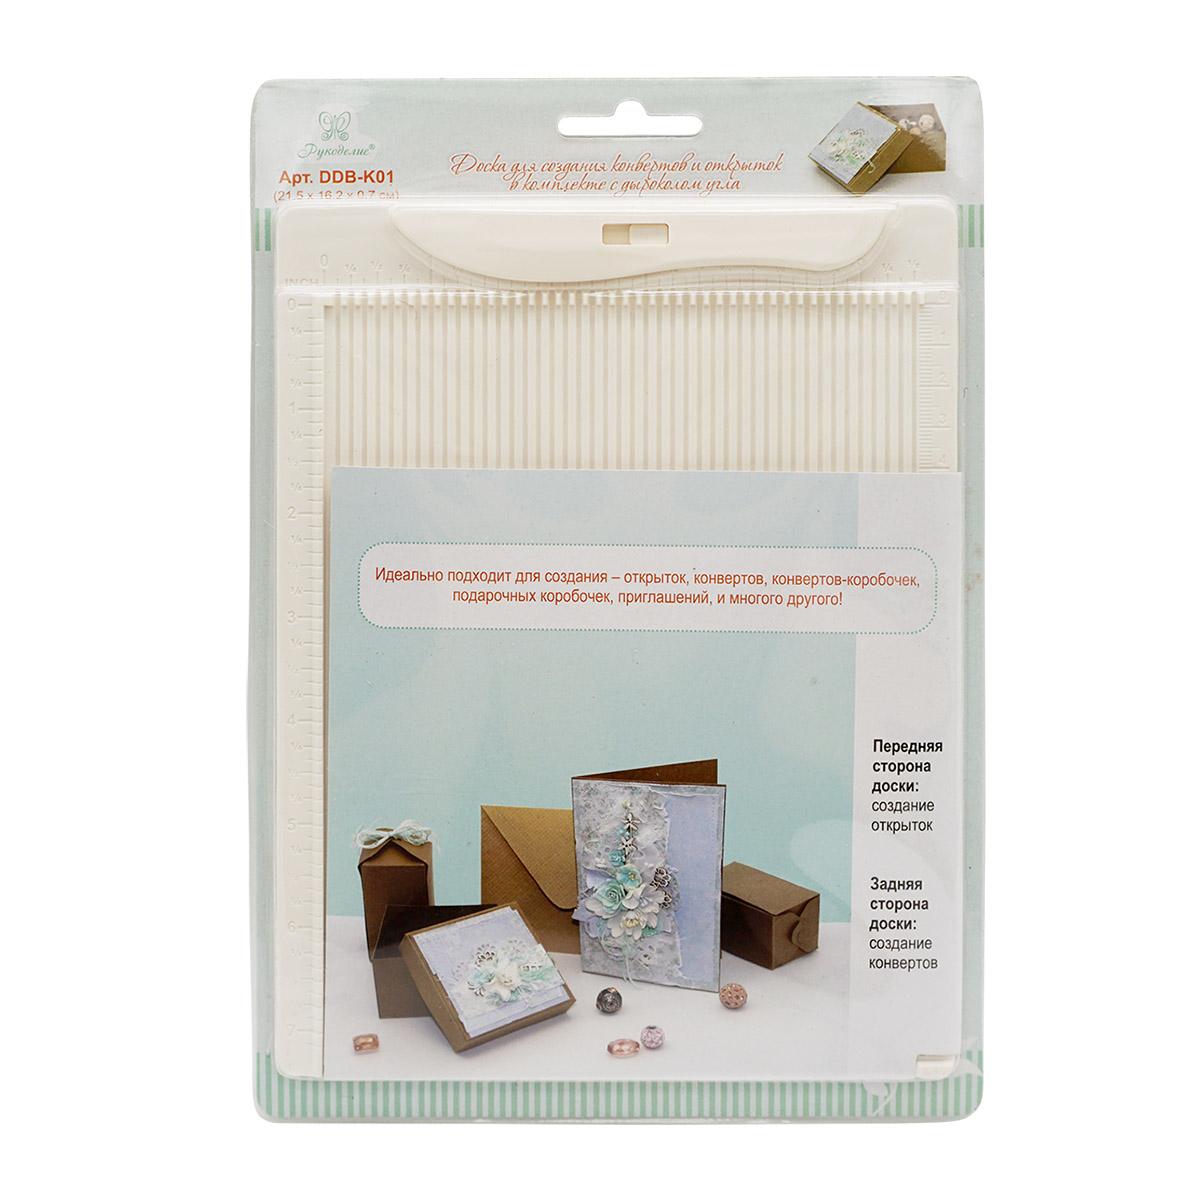 DDB-02 Доска для создания конвертов и открыток 21,5*16,2*0,7см (Рукоделие)